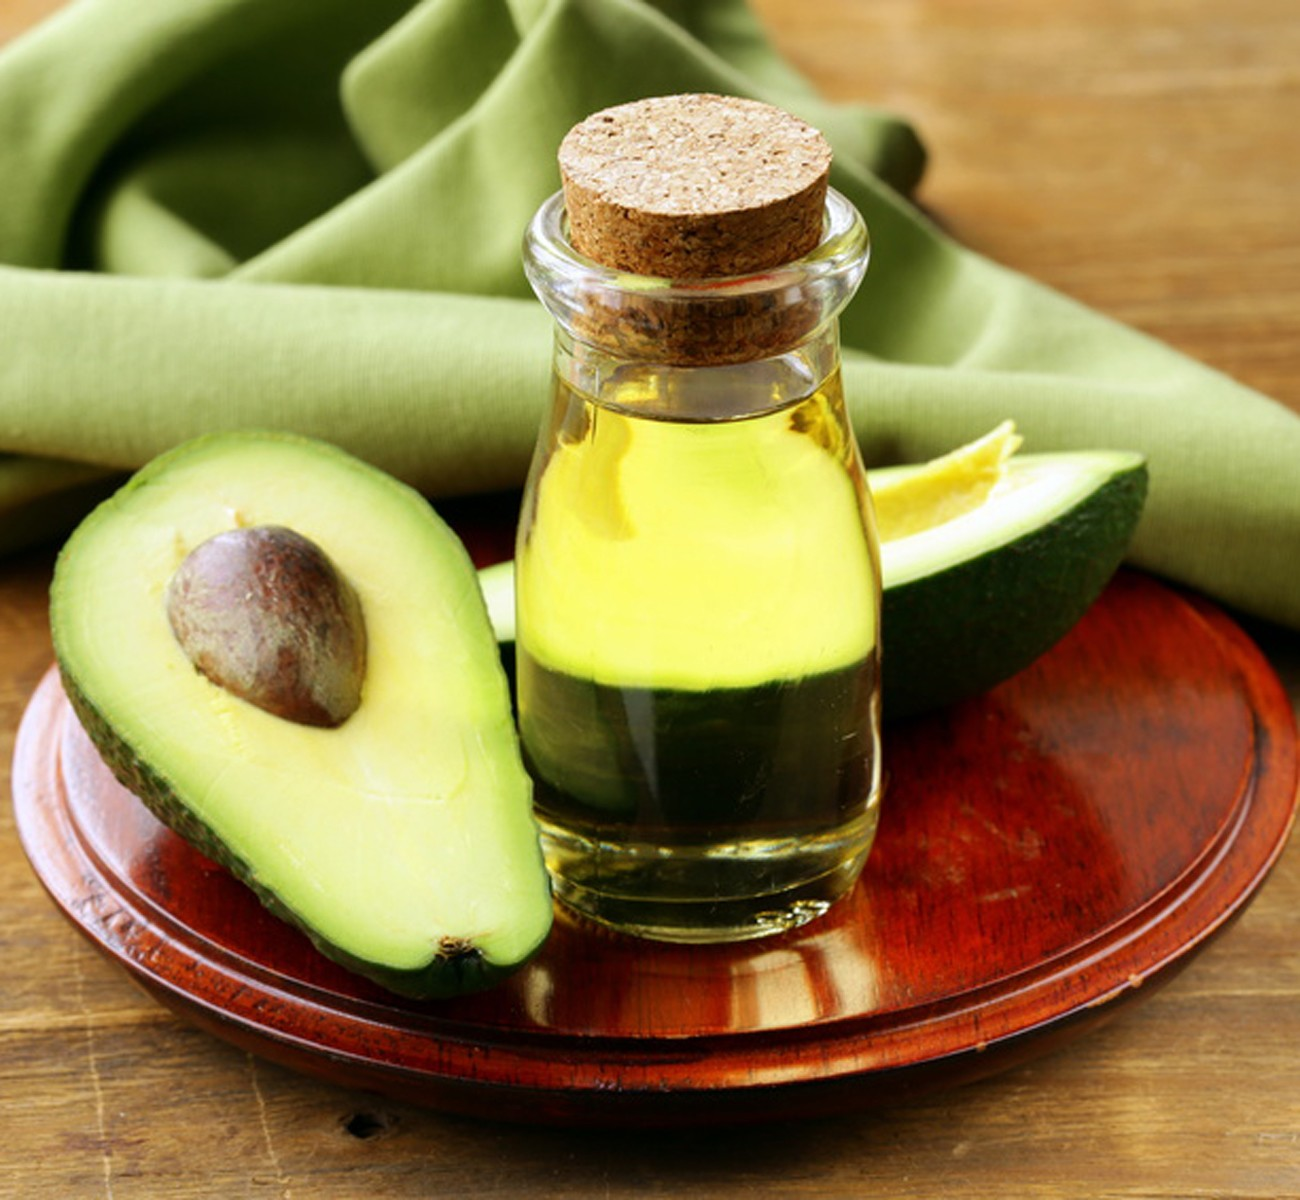 Масло авокадо - польза и вред, лечебные свойства и рецепты